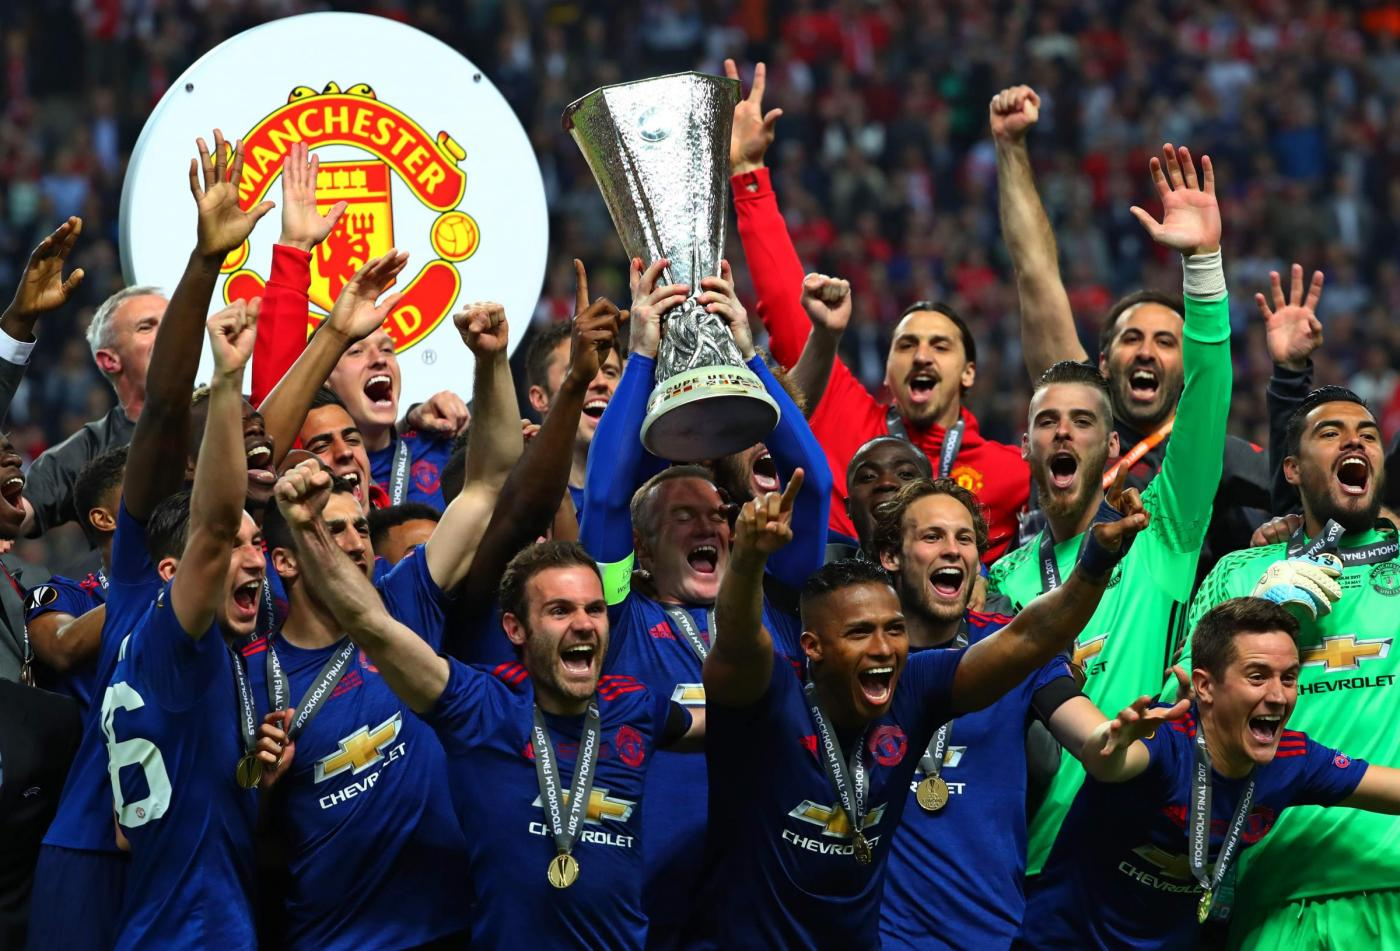 Europa League pronostici giornata 1 14 settembre 2017